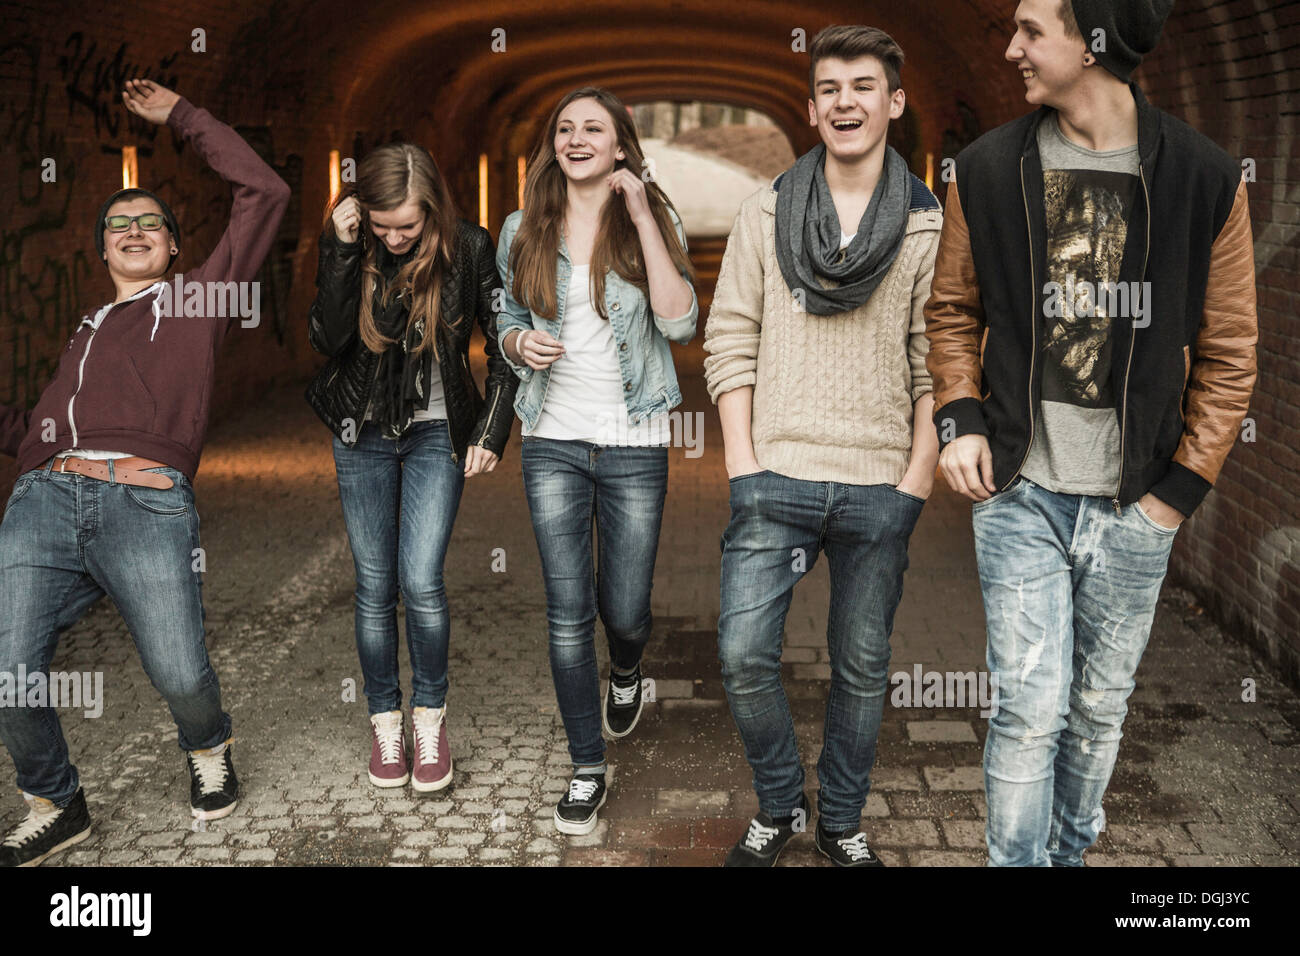 Cinque adolescenti a piedi attraverso il tunnel ridendo e scherzando Immagini Stock